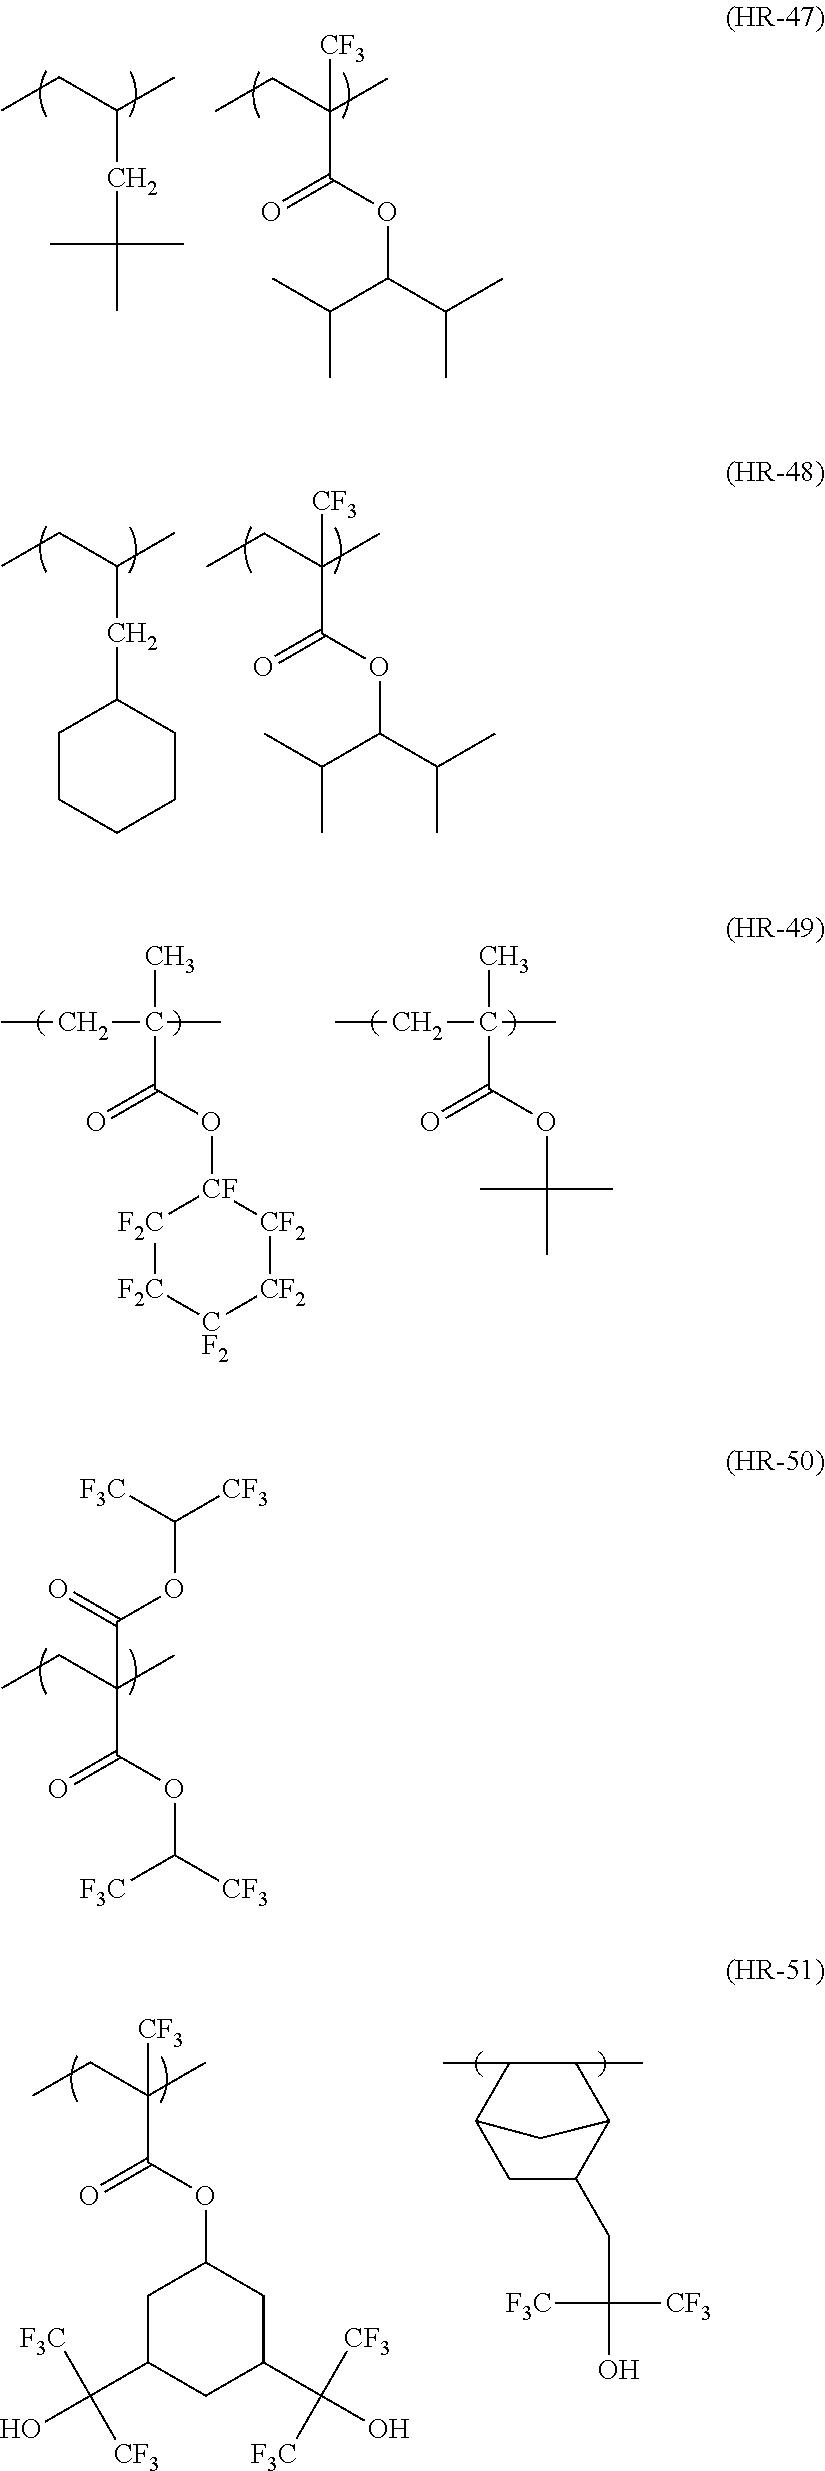 Figure US20110183258A1-20110728-C00121